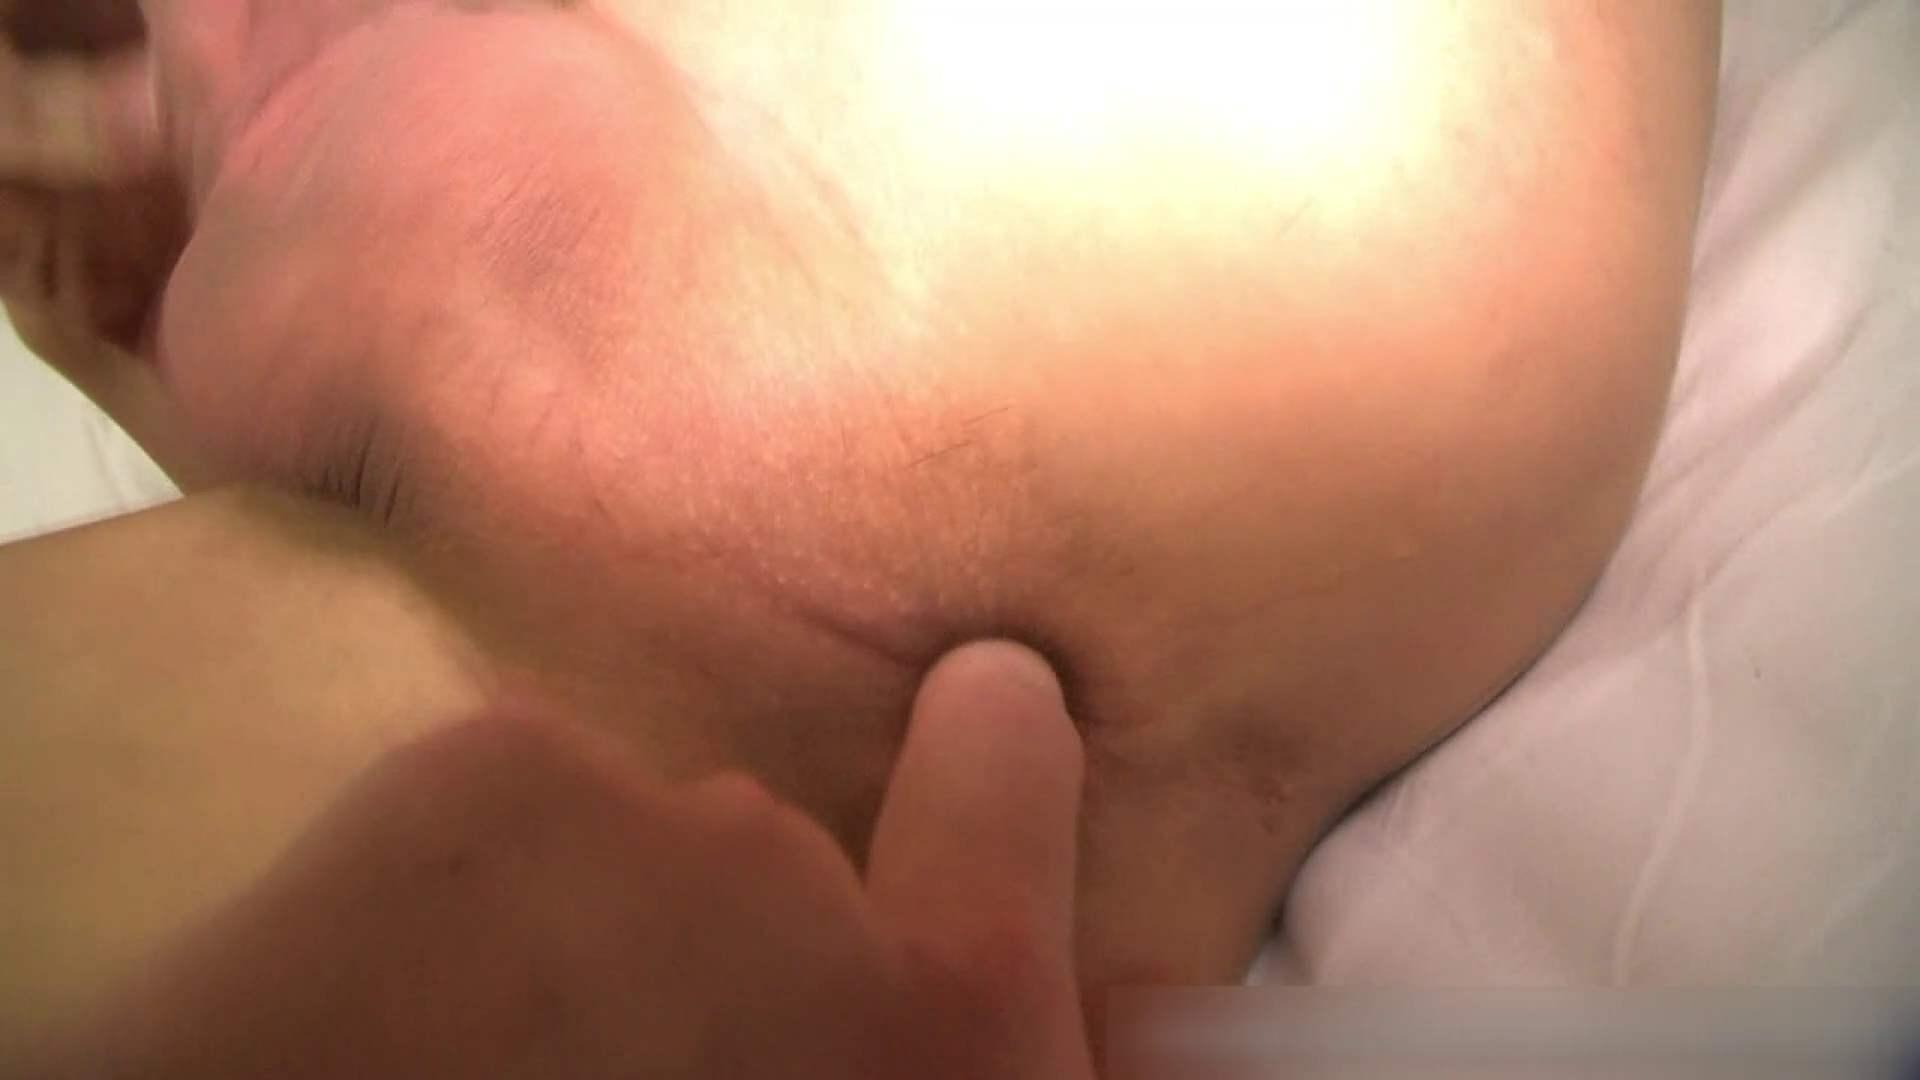 イケメンSEX!嗚呼!男達の挽歌Vol.01 大人の玩具 ゲイ無修正動画画像 111pic 47